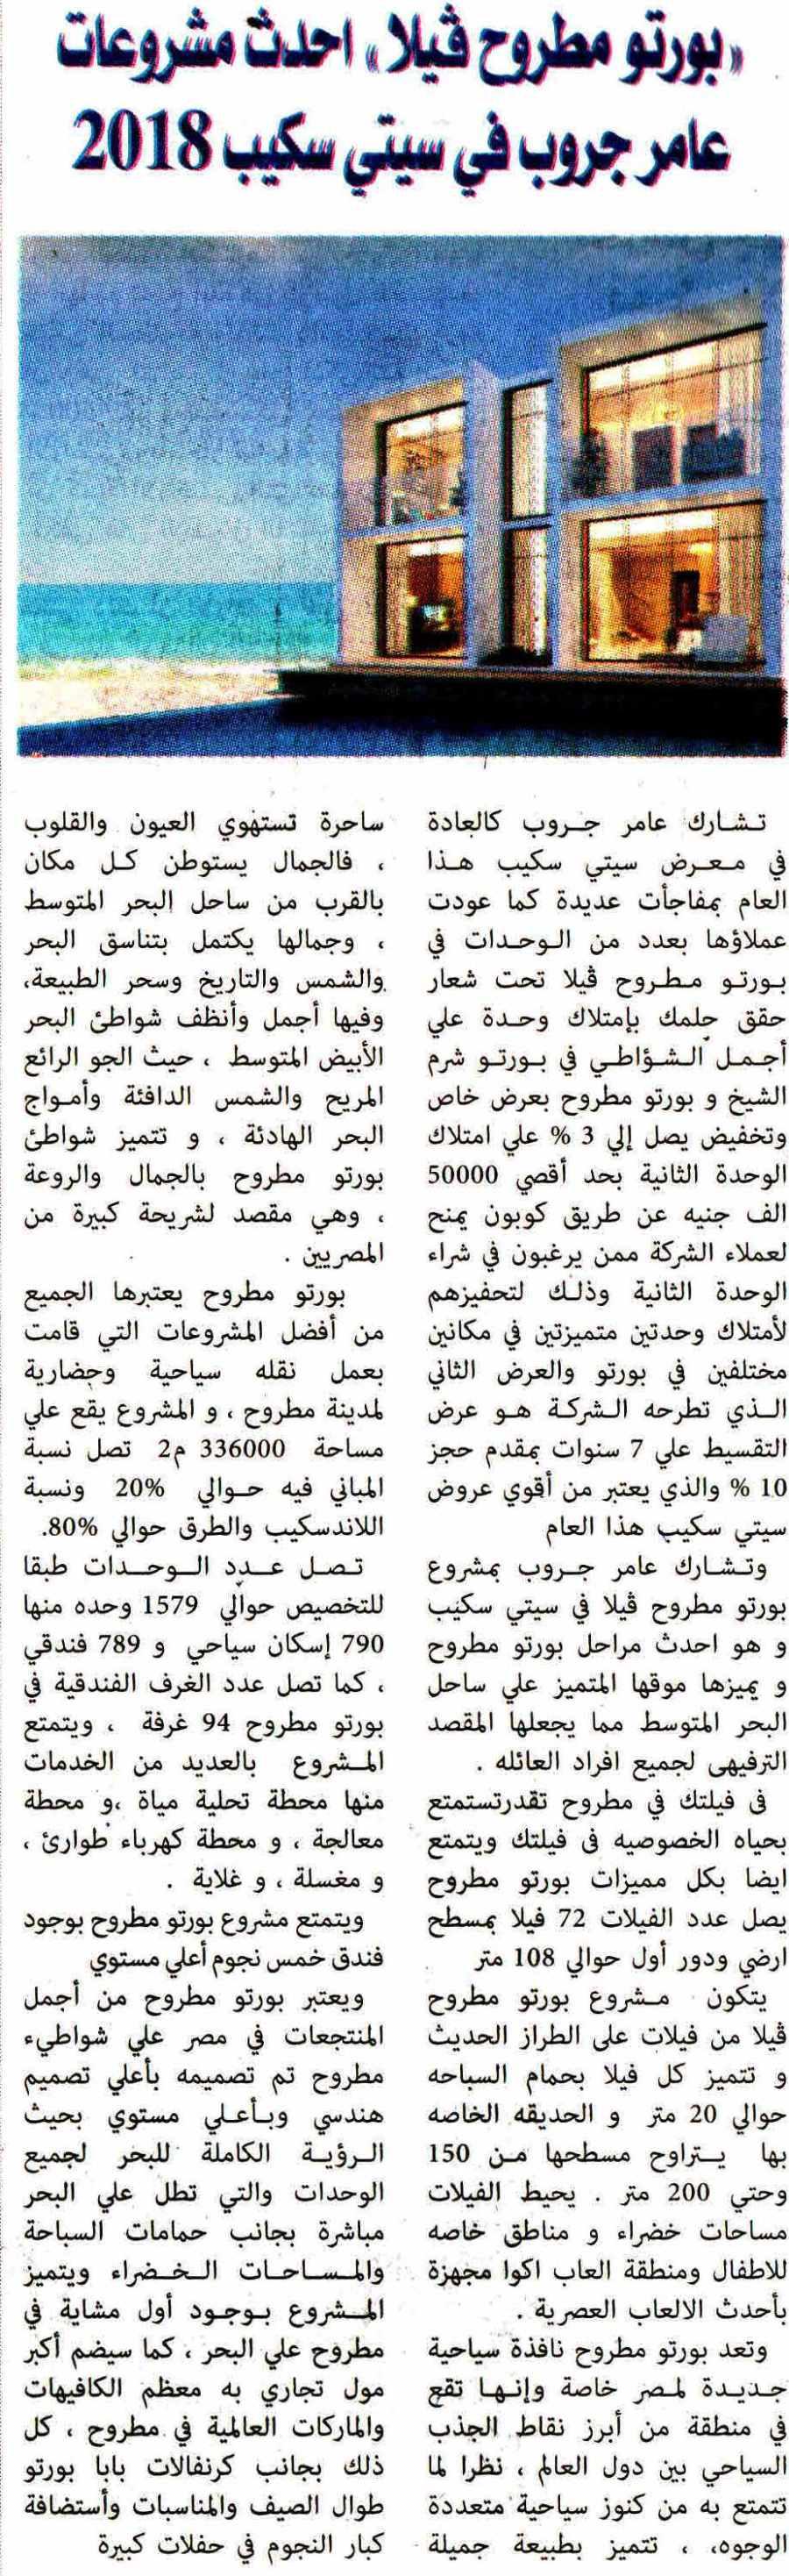 Al Alam Al Youm 29 March P.9.jpg